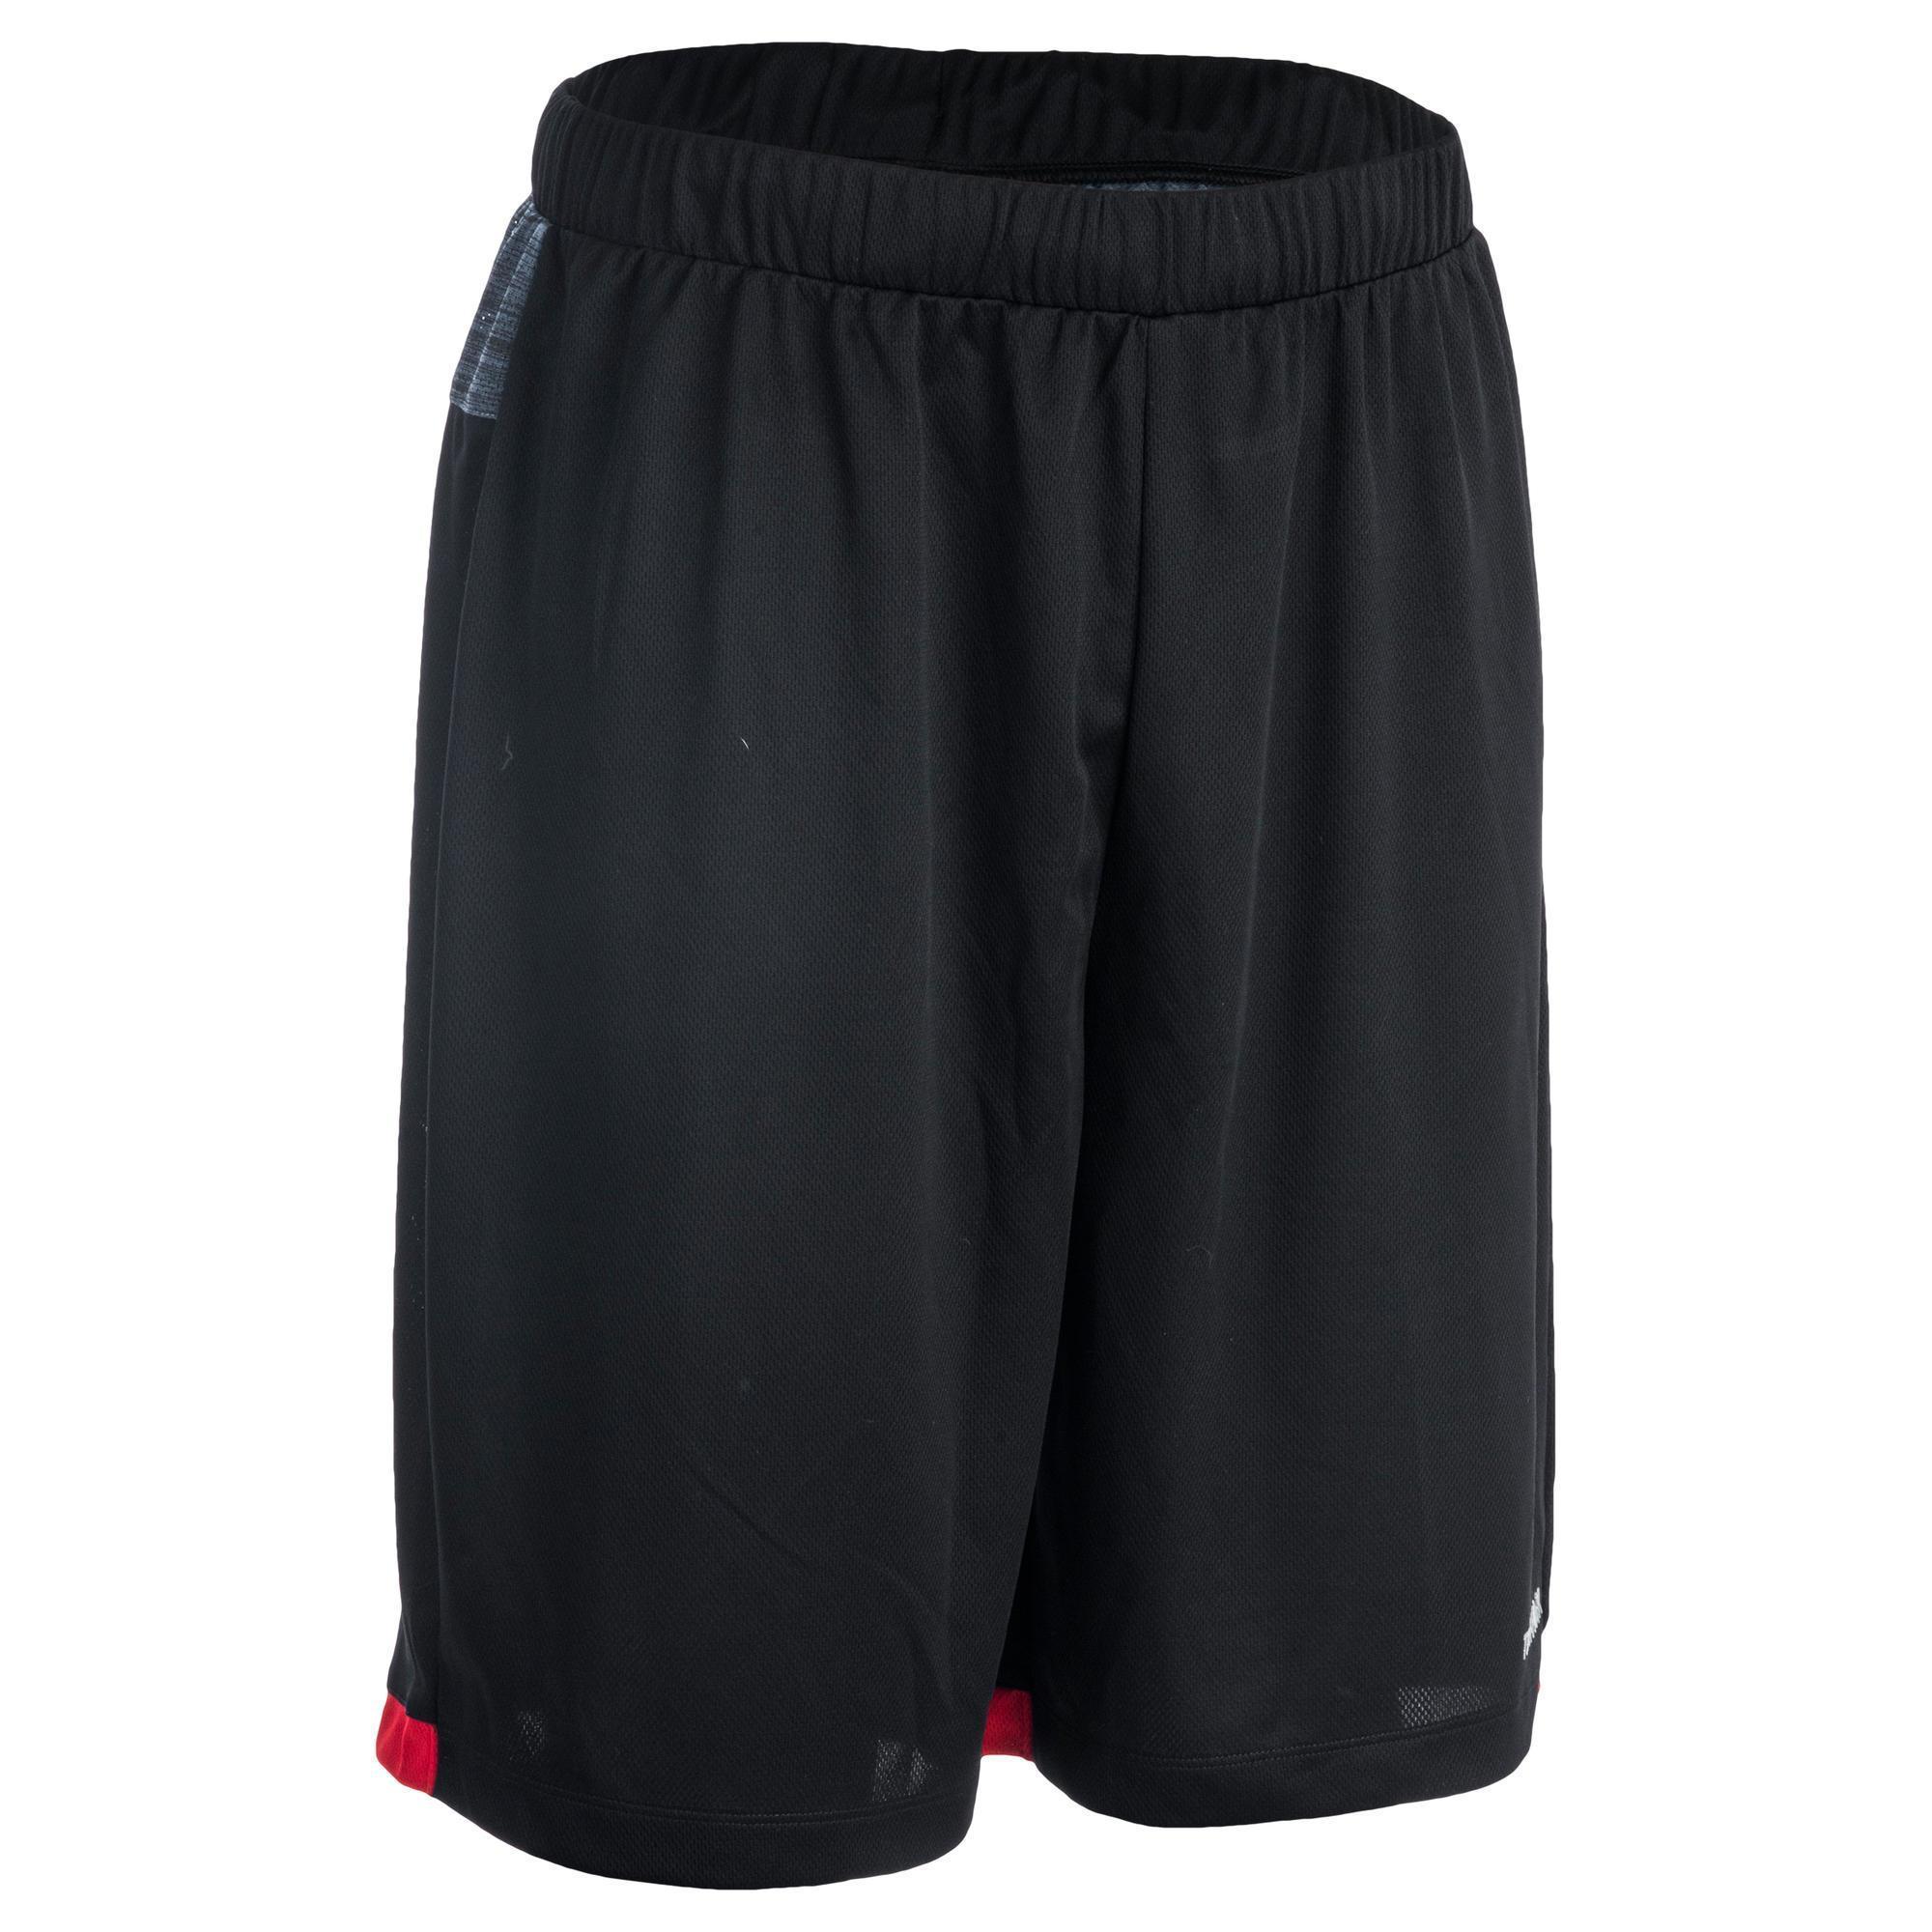 Basketballshorts SH500 Herren Fortgeschrittene schwarz/rot | Sportbekleidung > Sporthosen > Basketballshorts | Schwarz - Rot | Tarmak